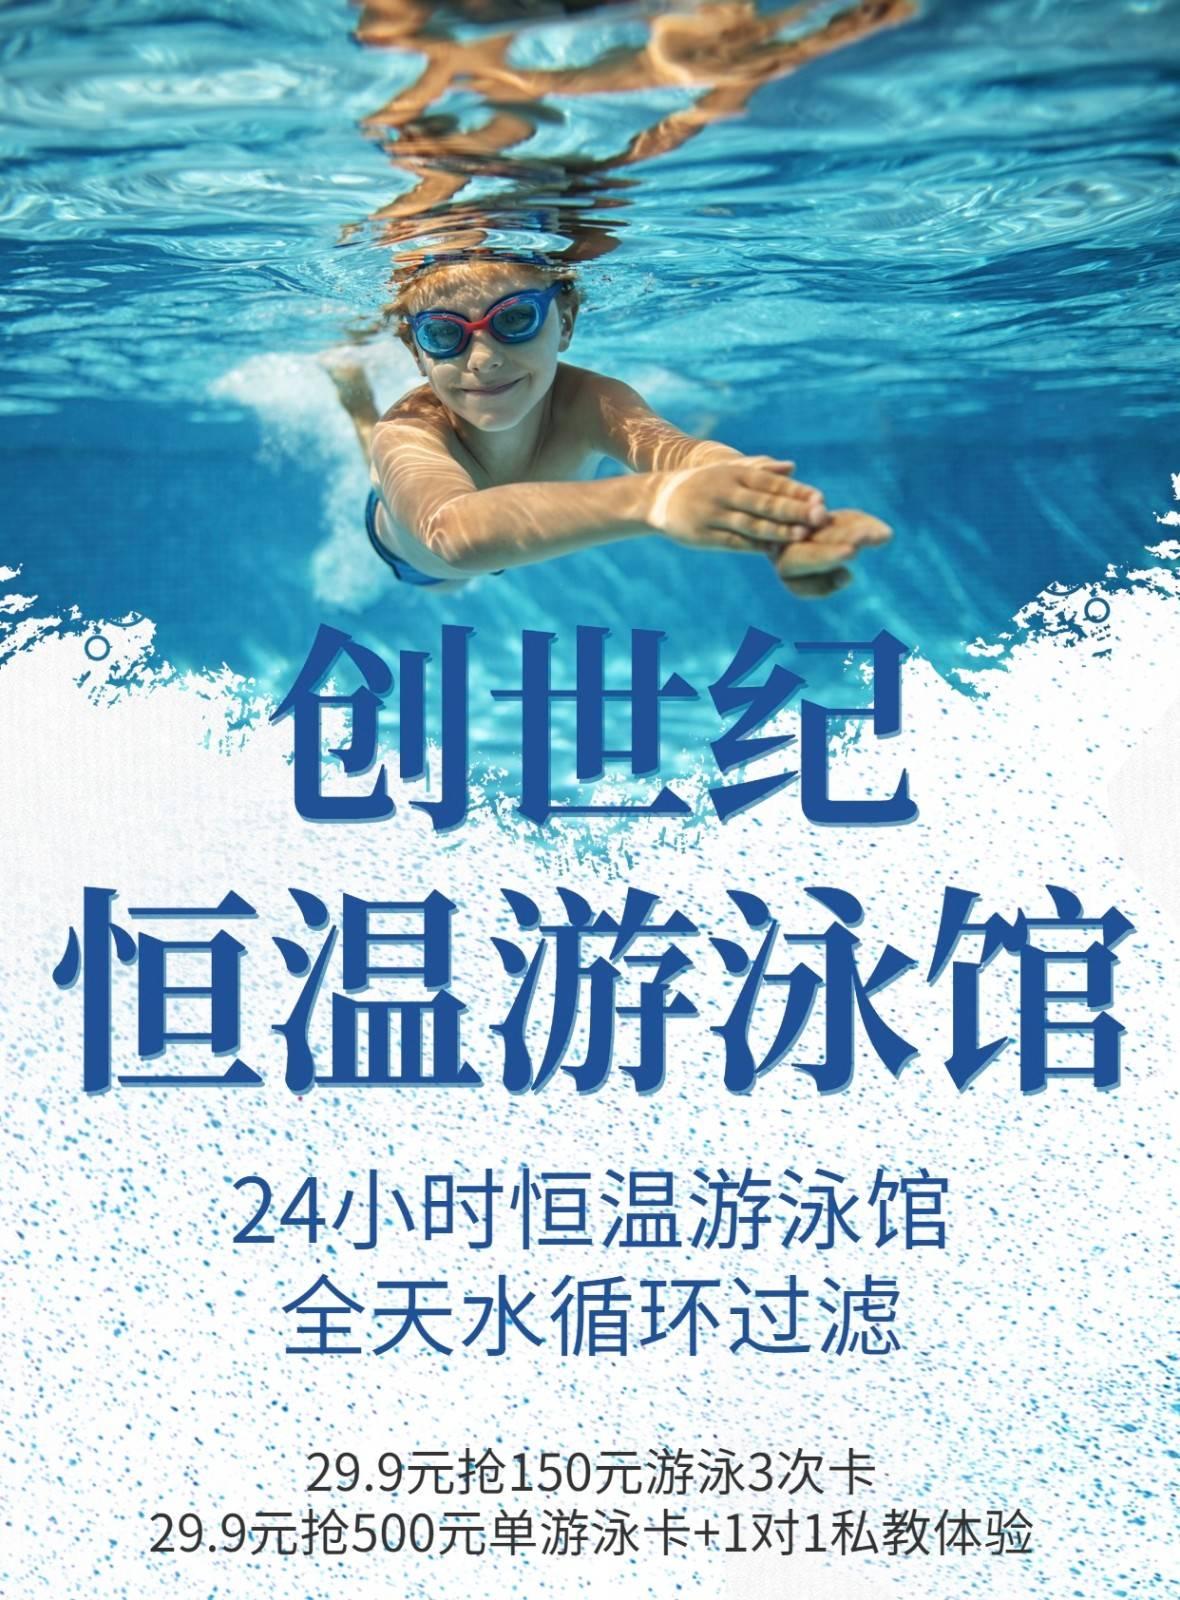 【深圳3店通用·游泳】29.9元抢120元游泳3次卡!24小时恒温游泳馆,全天水循环过滤!